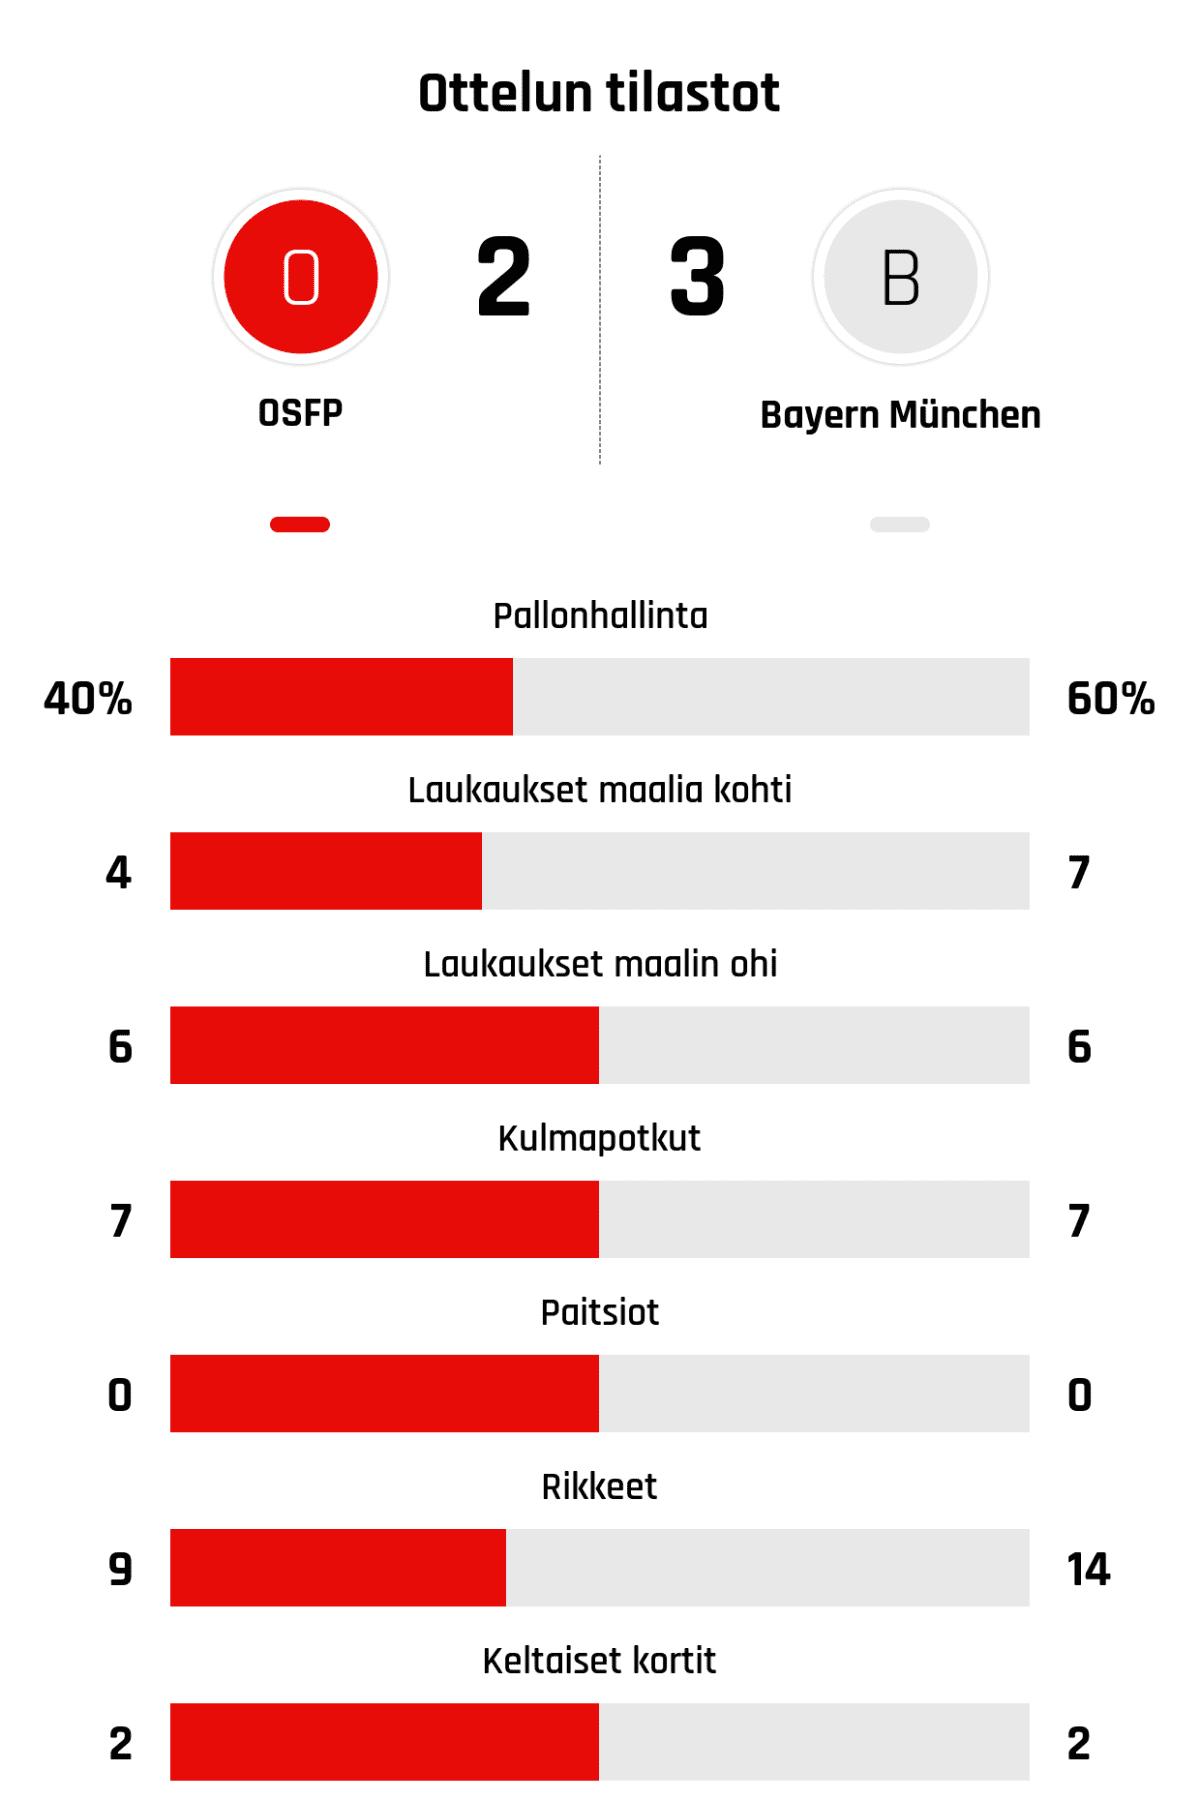 Pallonhallinta 40%-60% Laukaukset maalia kohti 4-7 Laukaukset maalin ohi 6-6 Kulmapotkut 7-7 Paitsiot 0-0 Rikkeet 9-14 Keltaiset kortit 2-2